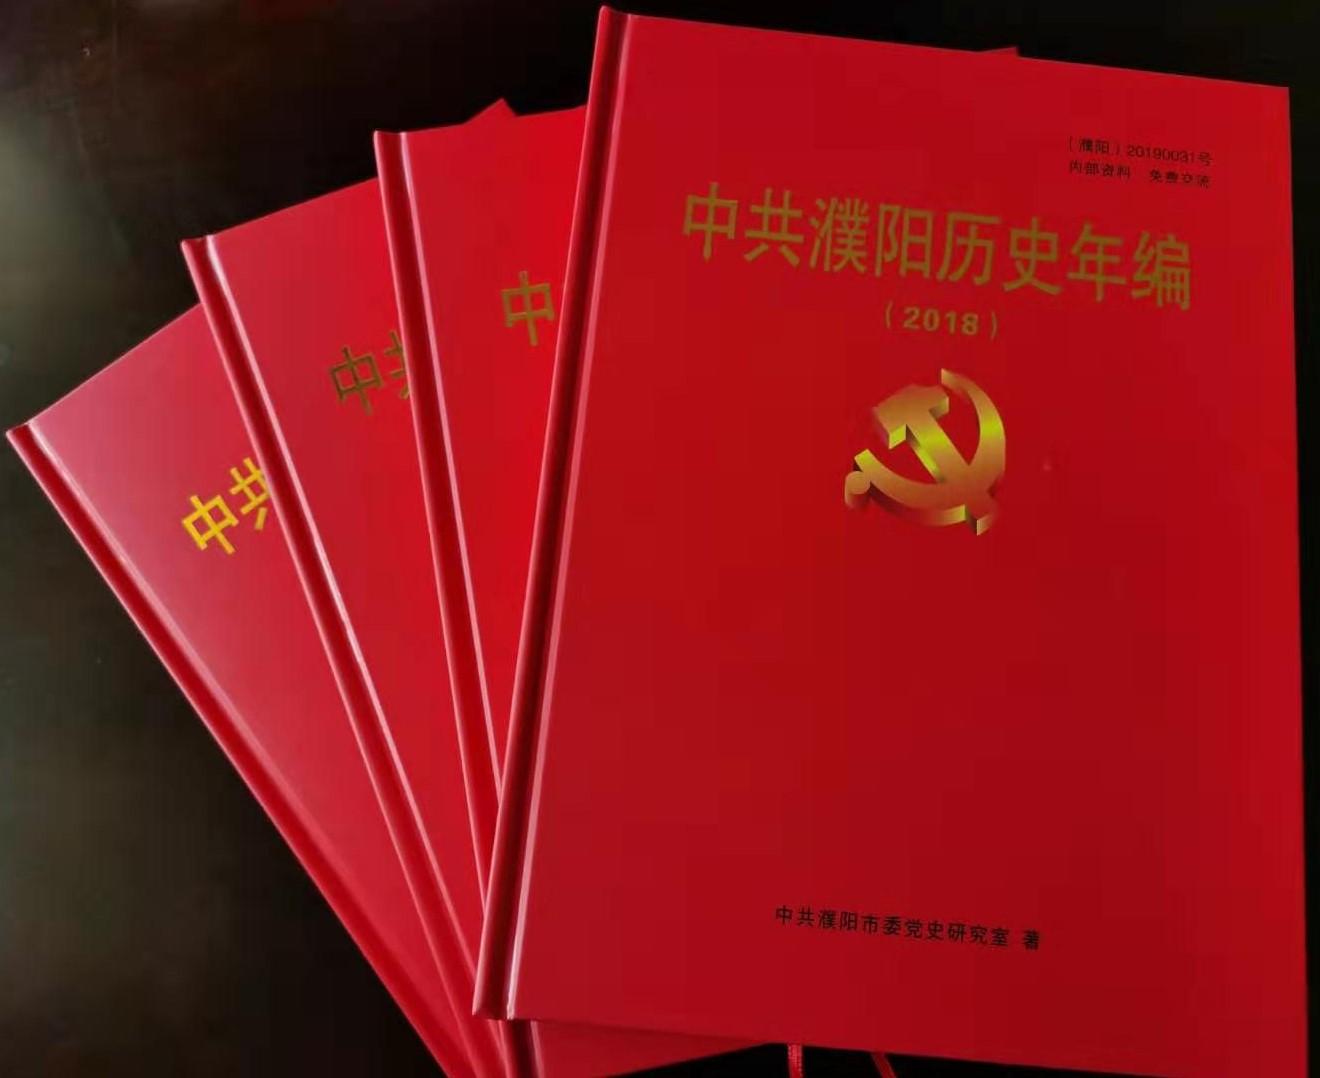 《中共濮阳历史年编》(2018)出版发行